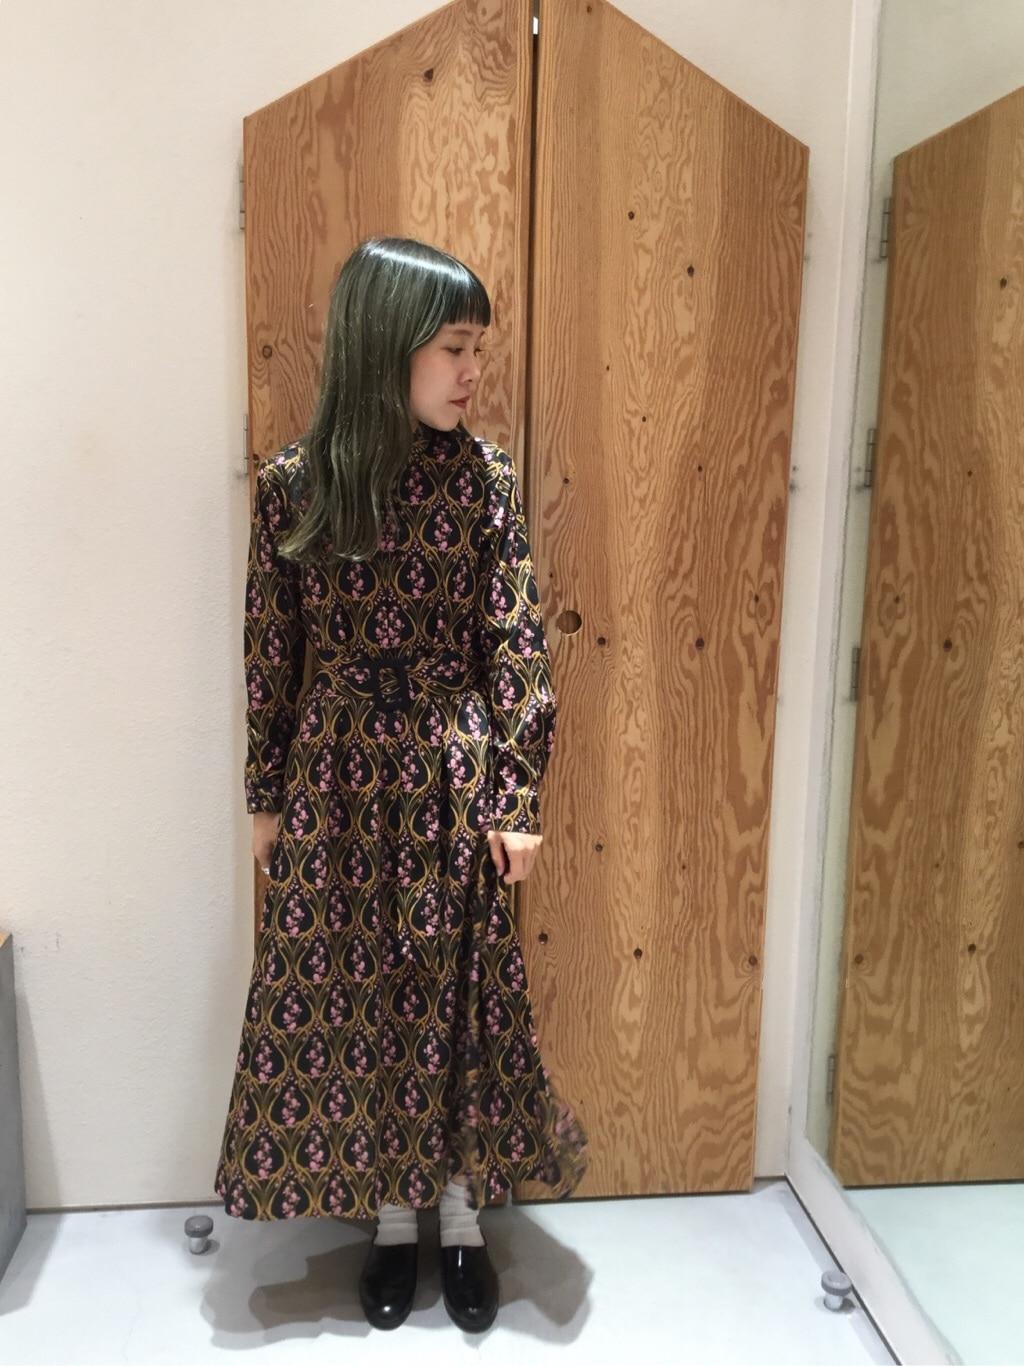 l'atelier du savon グランフロント大阪 身長:155cm 2019.08.25